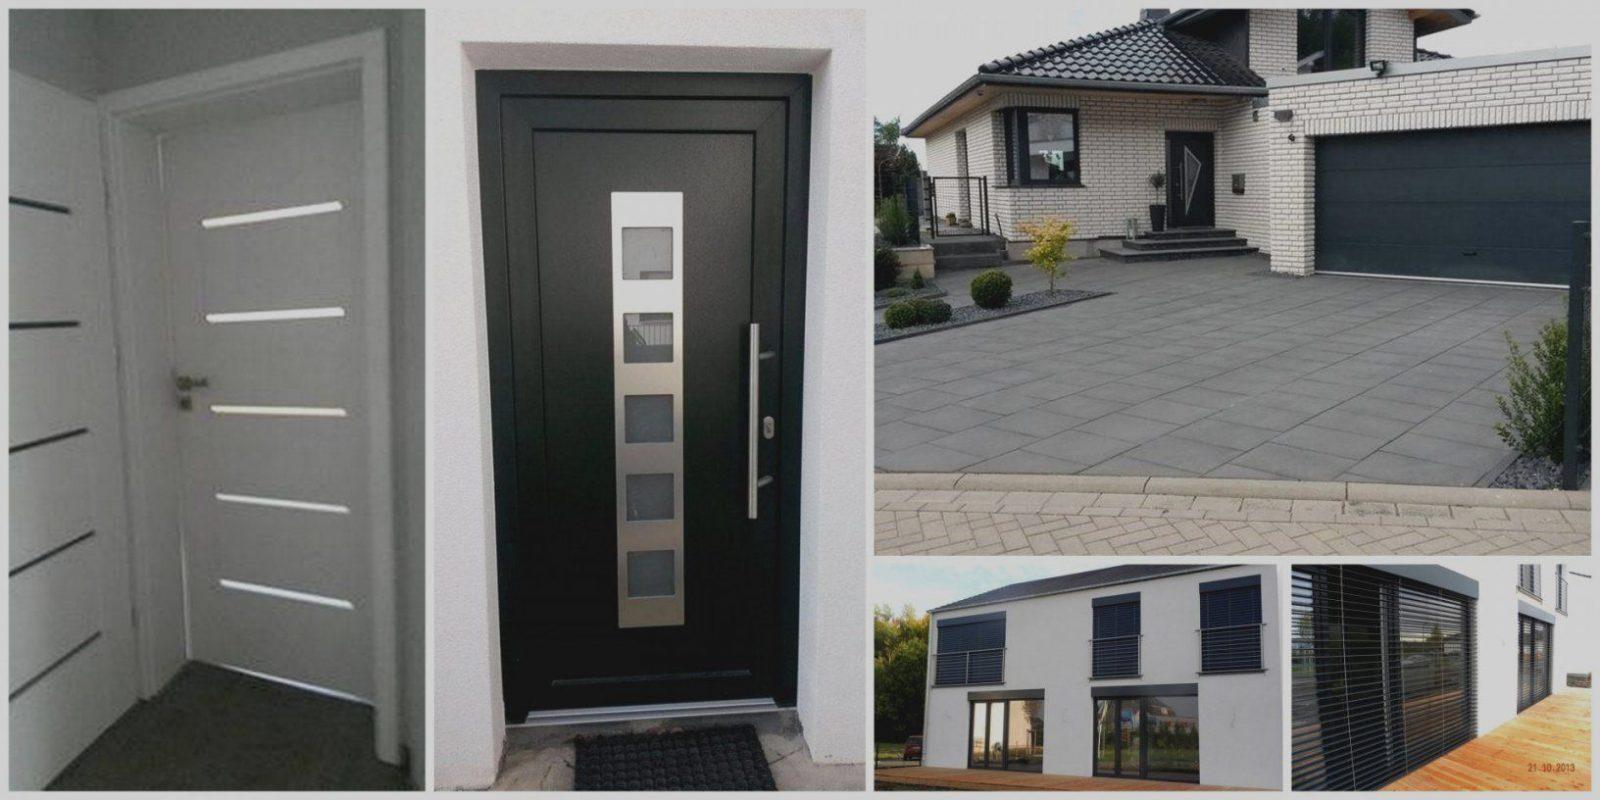 Beste Fenster Und Turen Aus Polen Terrassentüren Preis Gebraucht von Fenster Und Türen Aus Polen Fabrikverkauf Photo